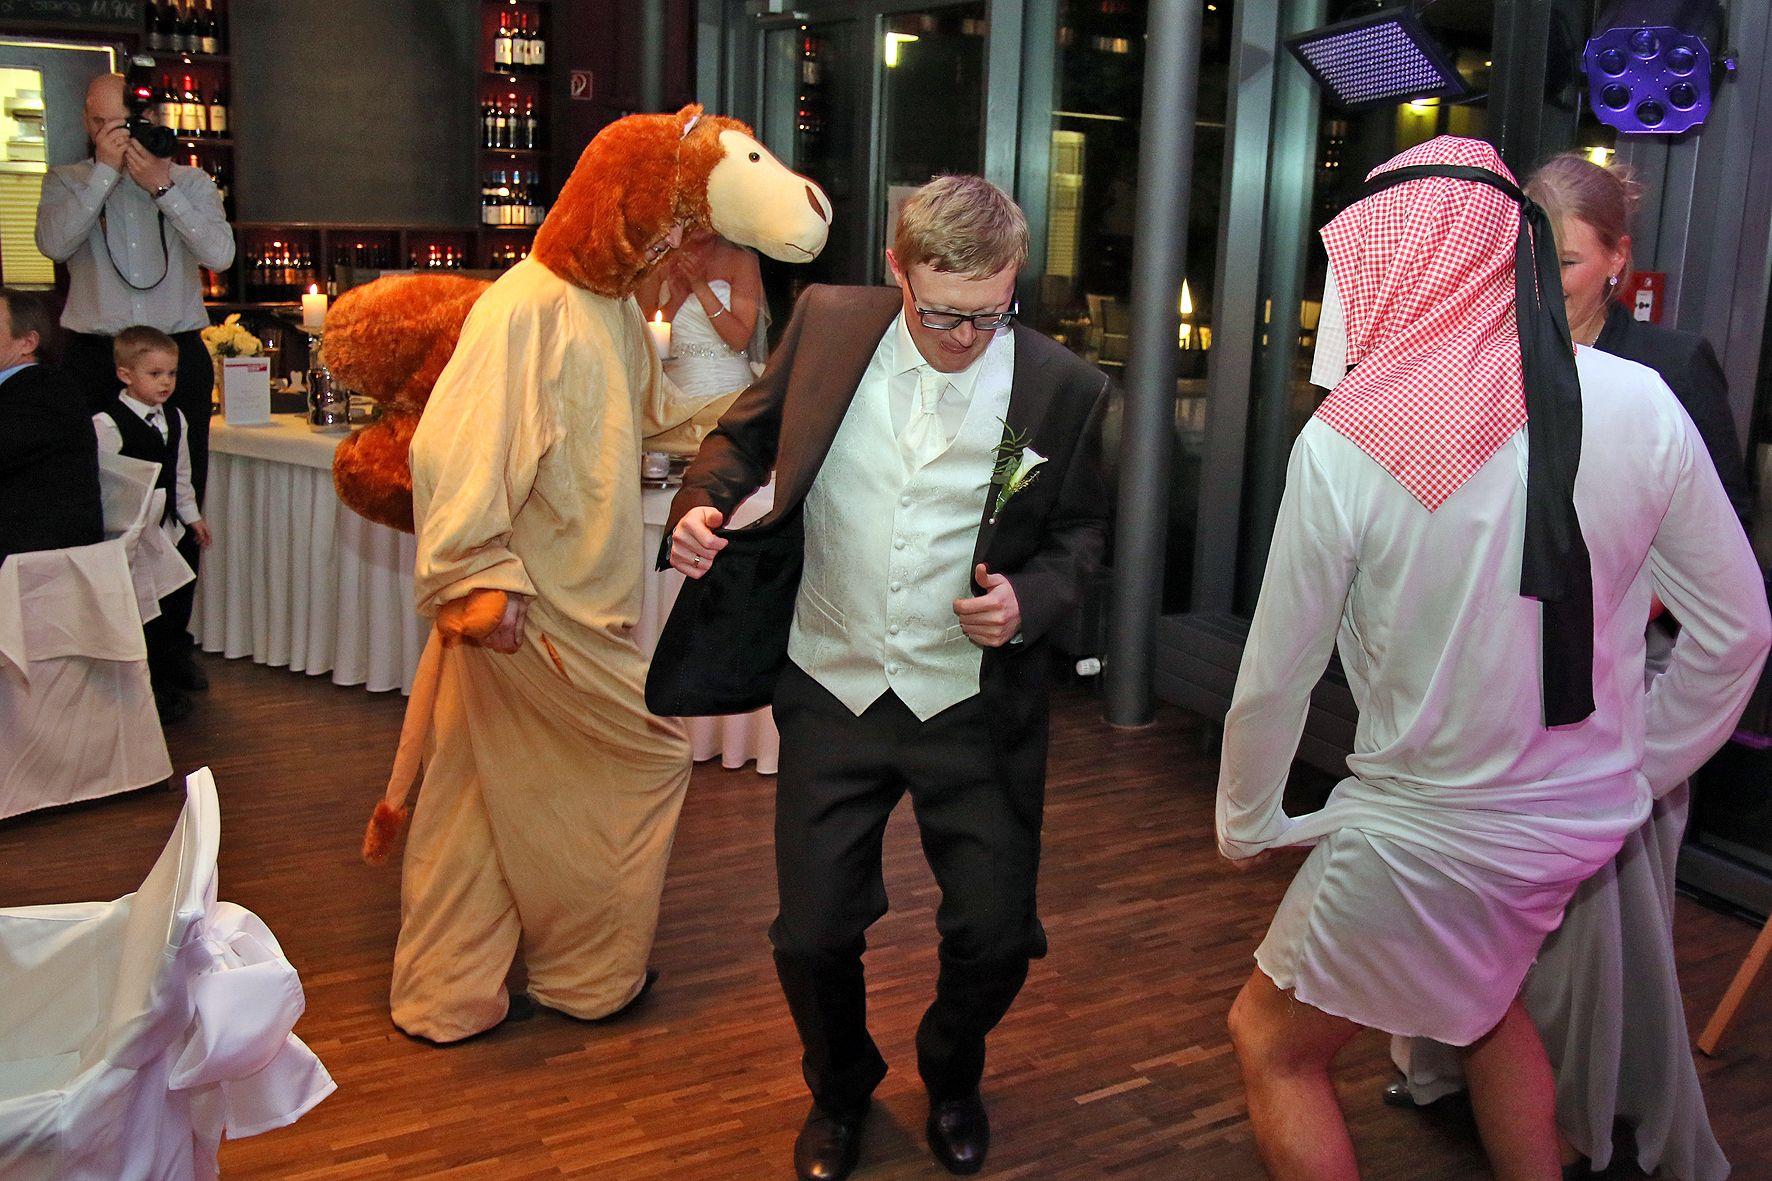 A Crazy Wedding Dance Verruckte Hochzeit Hochzeitstanz Dj